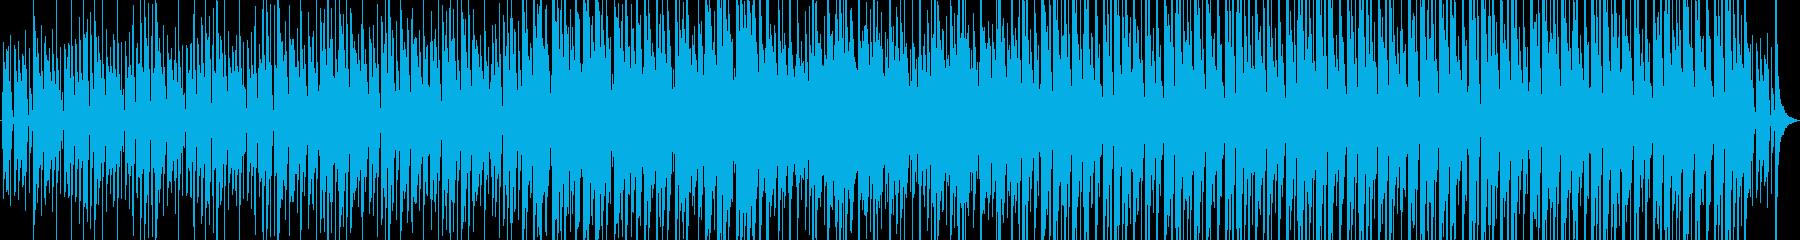 マリンバとギターのほのぼのとしたポップスの再生済みの波形